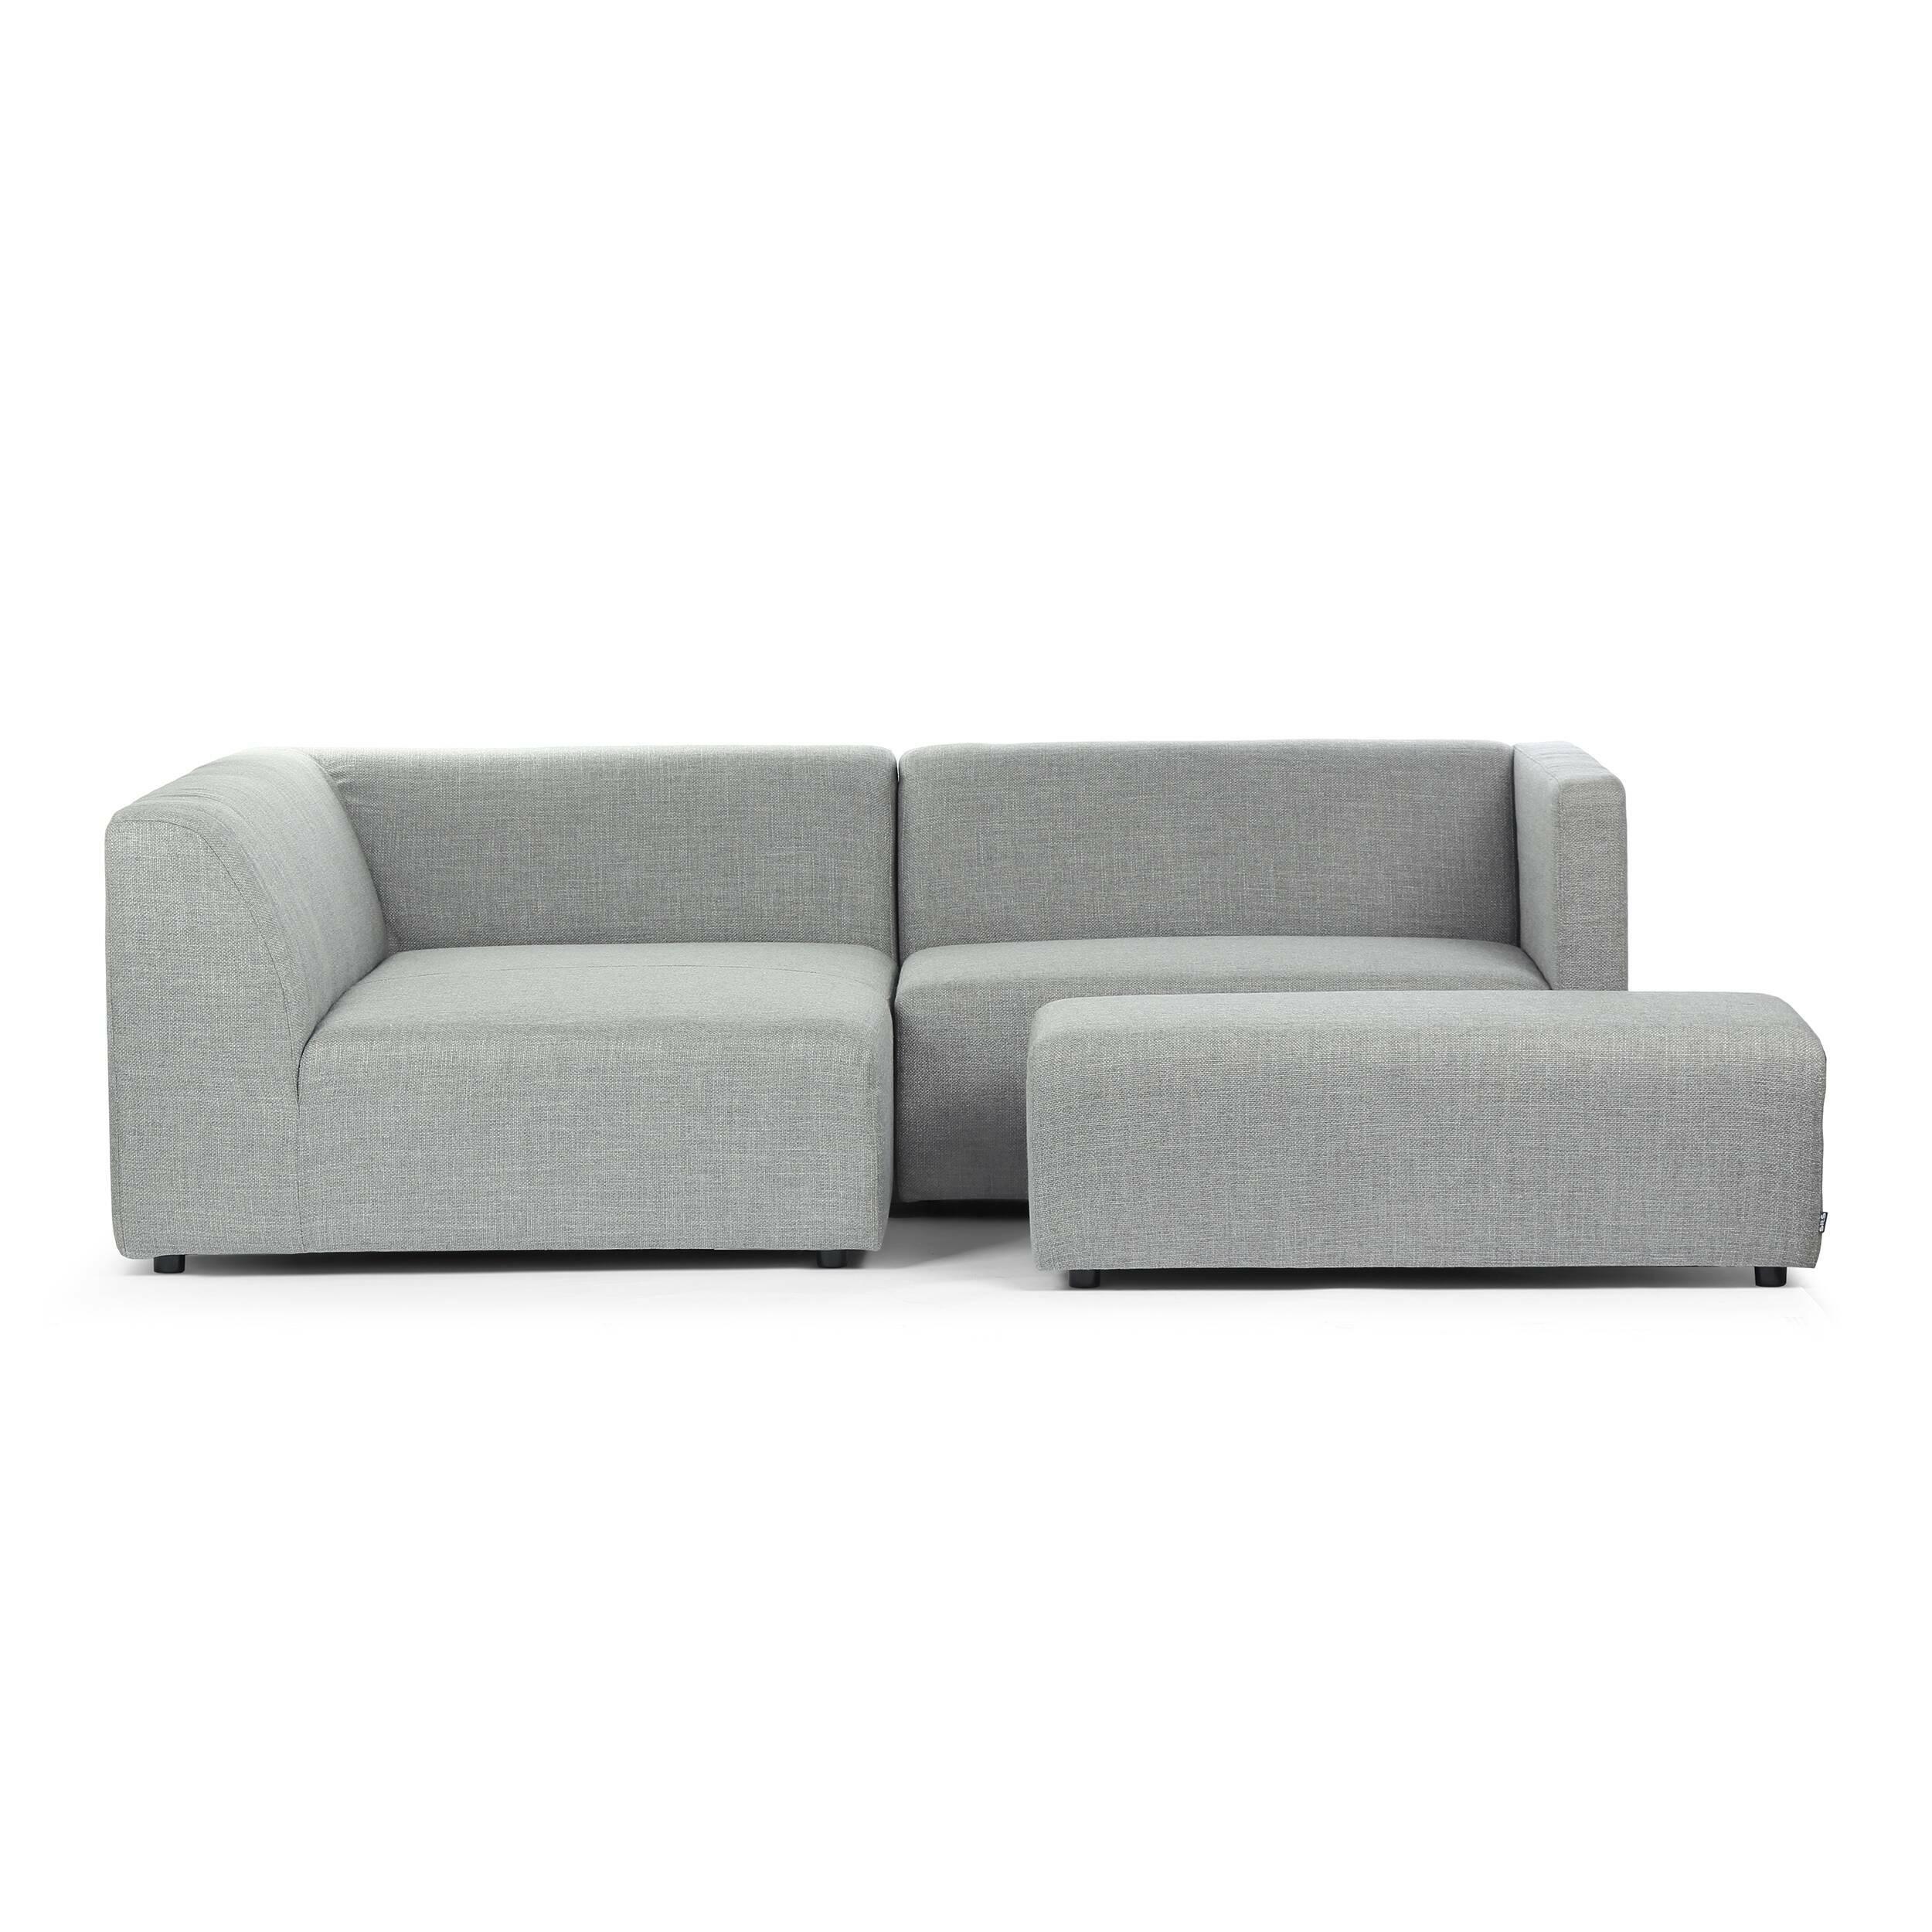 Диван JohnУгловые<br>Дизайнерский диван John разработан популярной компанией Sits, которая занимается созданием комфортной мягкой мебели. Дизайн этого изделия – это настоящая находка для «умной» организации пространства. Модель состоит из двух частей: основного дивана на двух-трех человек и дополнительного пуфа, на котором с удобством могут разместиться еще два человека. Это очень удобно во время чаепитий, посиделок с семьей или друзьями – между диванчиком и пуфом можно установить кофейный или журнальный столи...<br><br>stock: 0<br>Высота: 73<br>Высота сиденья: 42<br>Глубина: 220<br>Длина: 240<br>Цвет ножек: Черный<br>Материал обивки: Полиэстер, Акрил<br>Степень комфортности: Стандарт комфорт<br>Коллекция ткани: Категория ткани II<br>Тип материала обивки: Ткань<br>Тип материала ножек: Пластик<br>Цвет обивки: Светло-серый